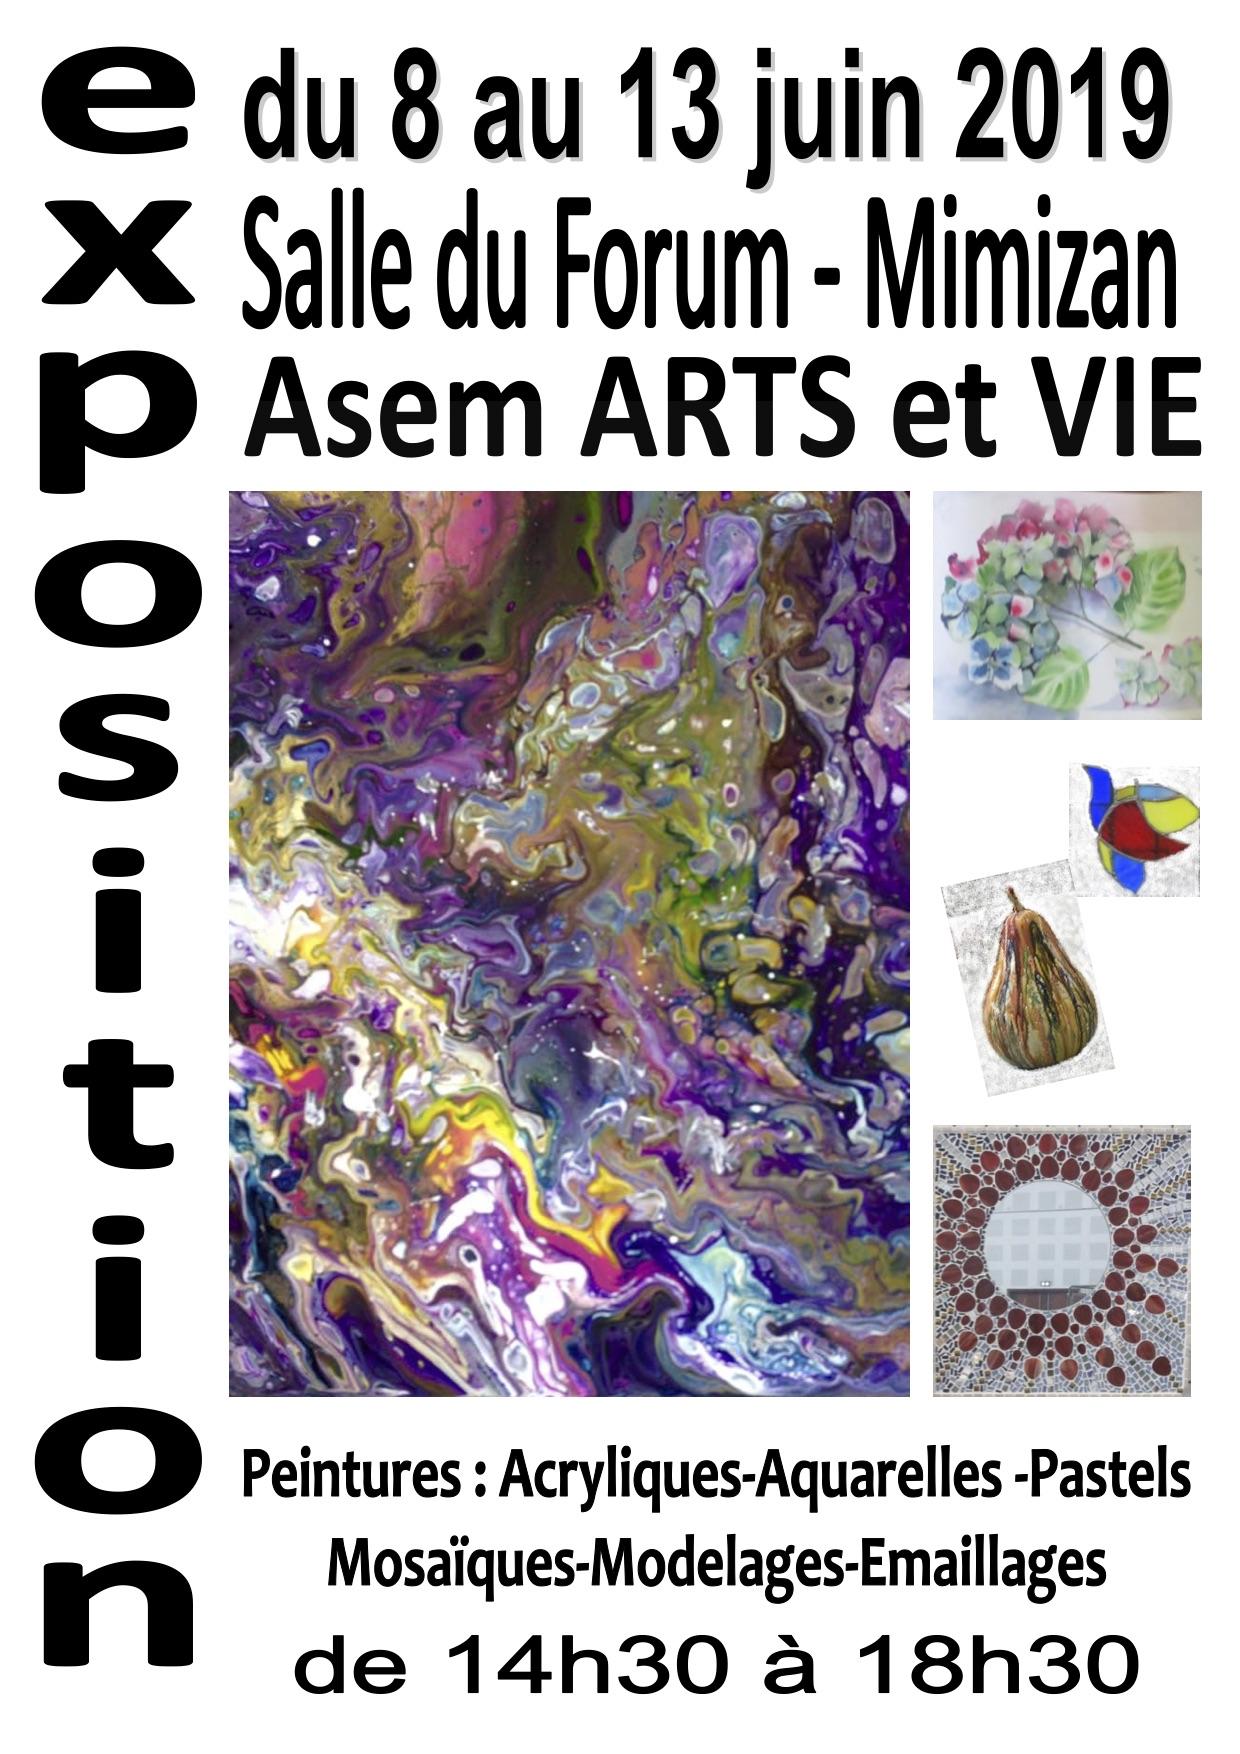 Exposition Asem Arts et Vie